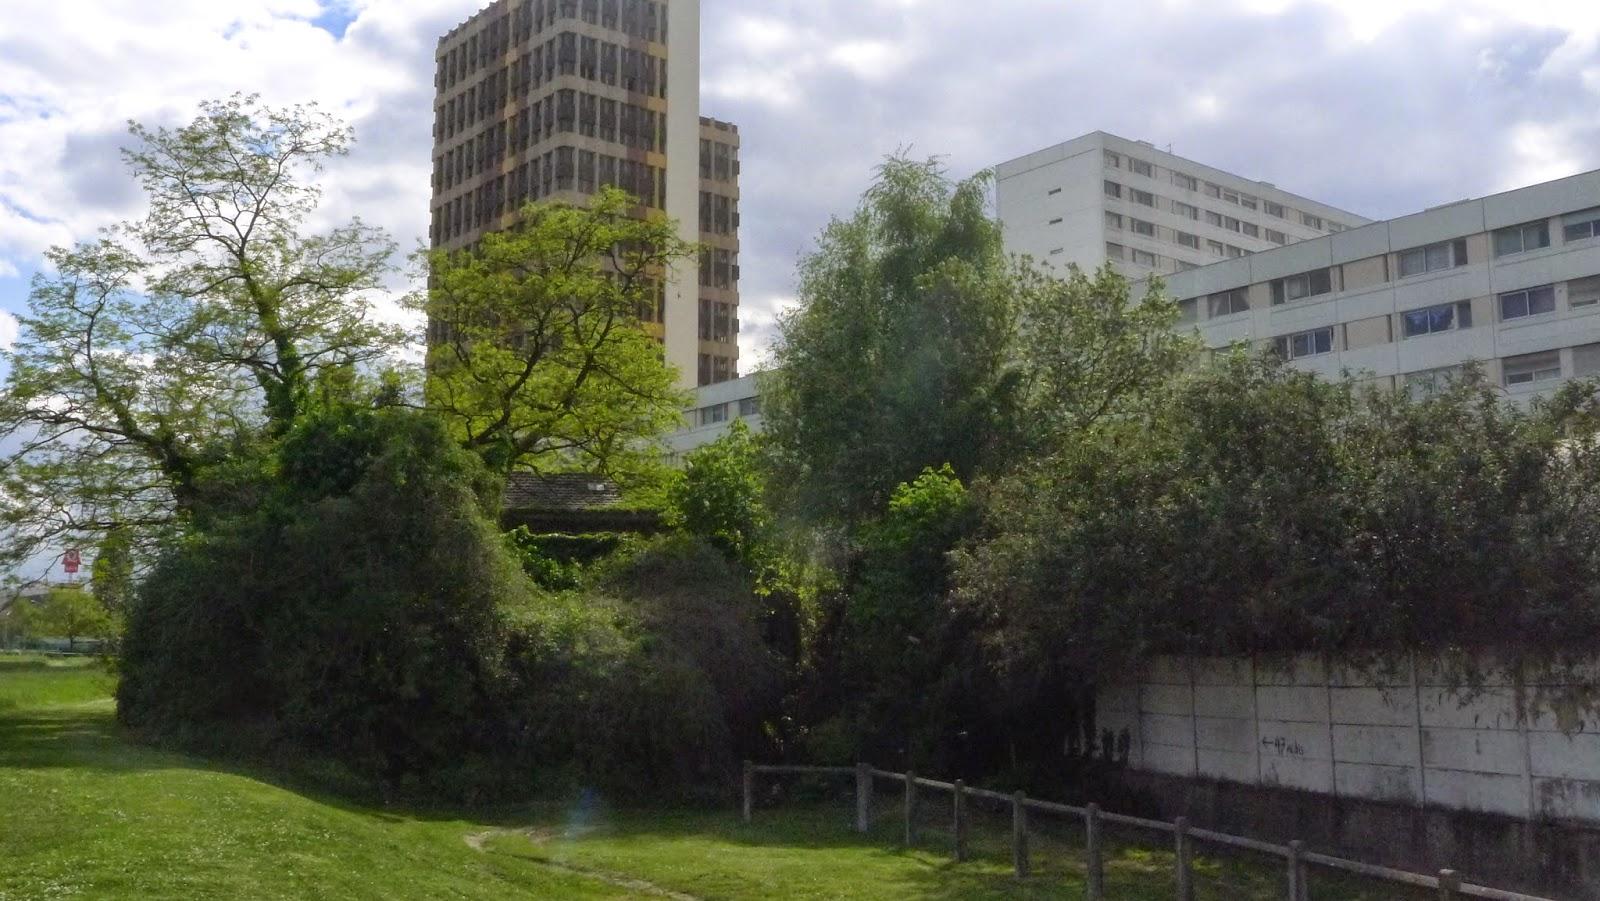 Un ilot de r sistance po tique le moulin fayvon la courneuve - Barriere infrarouge jardin ...